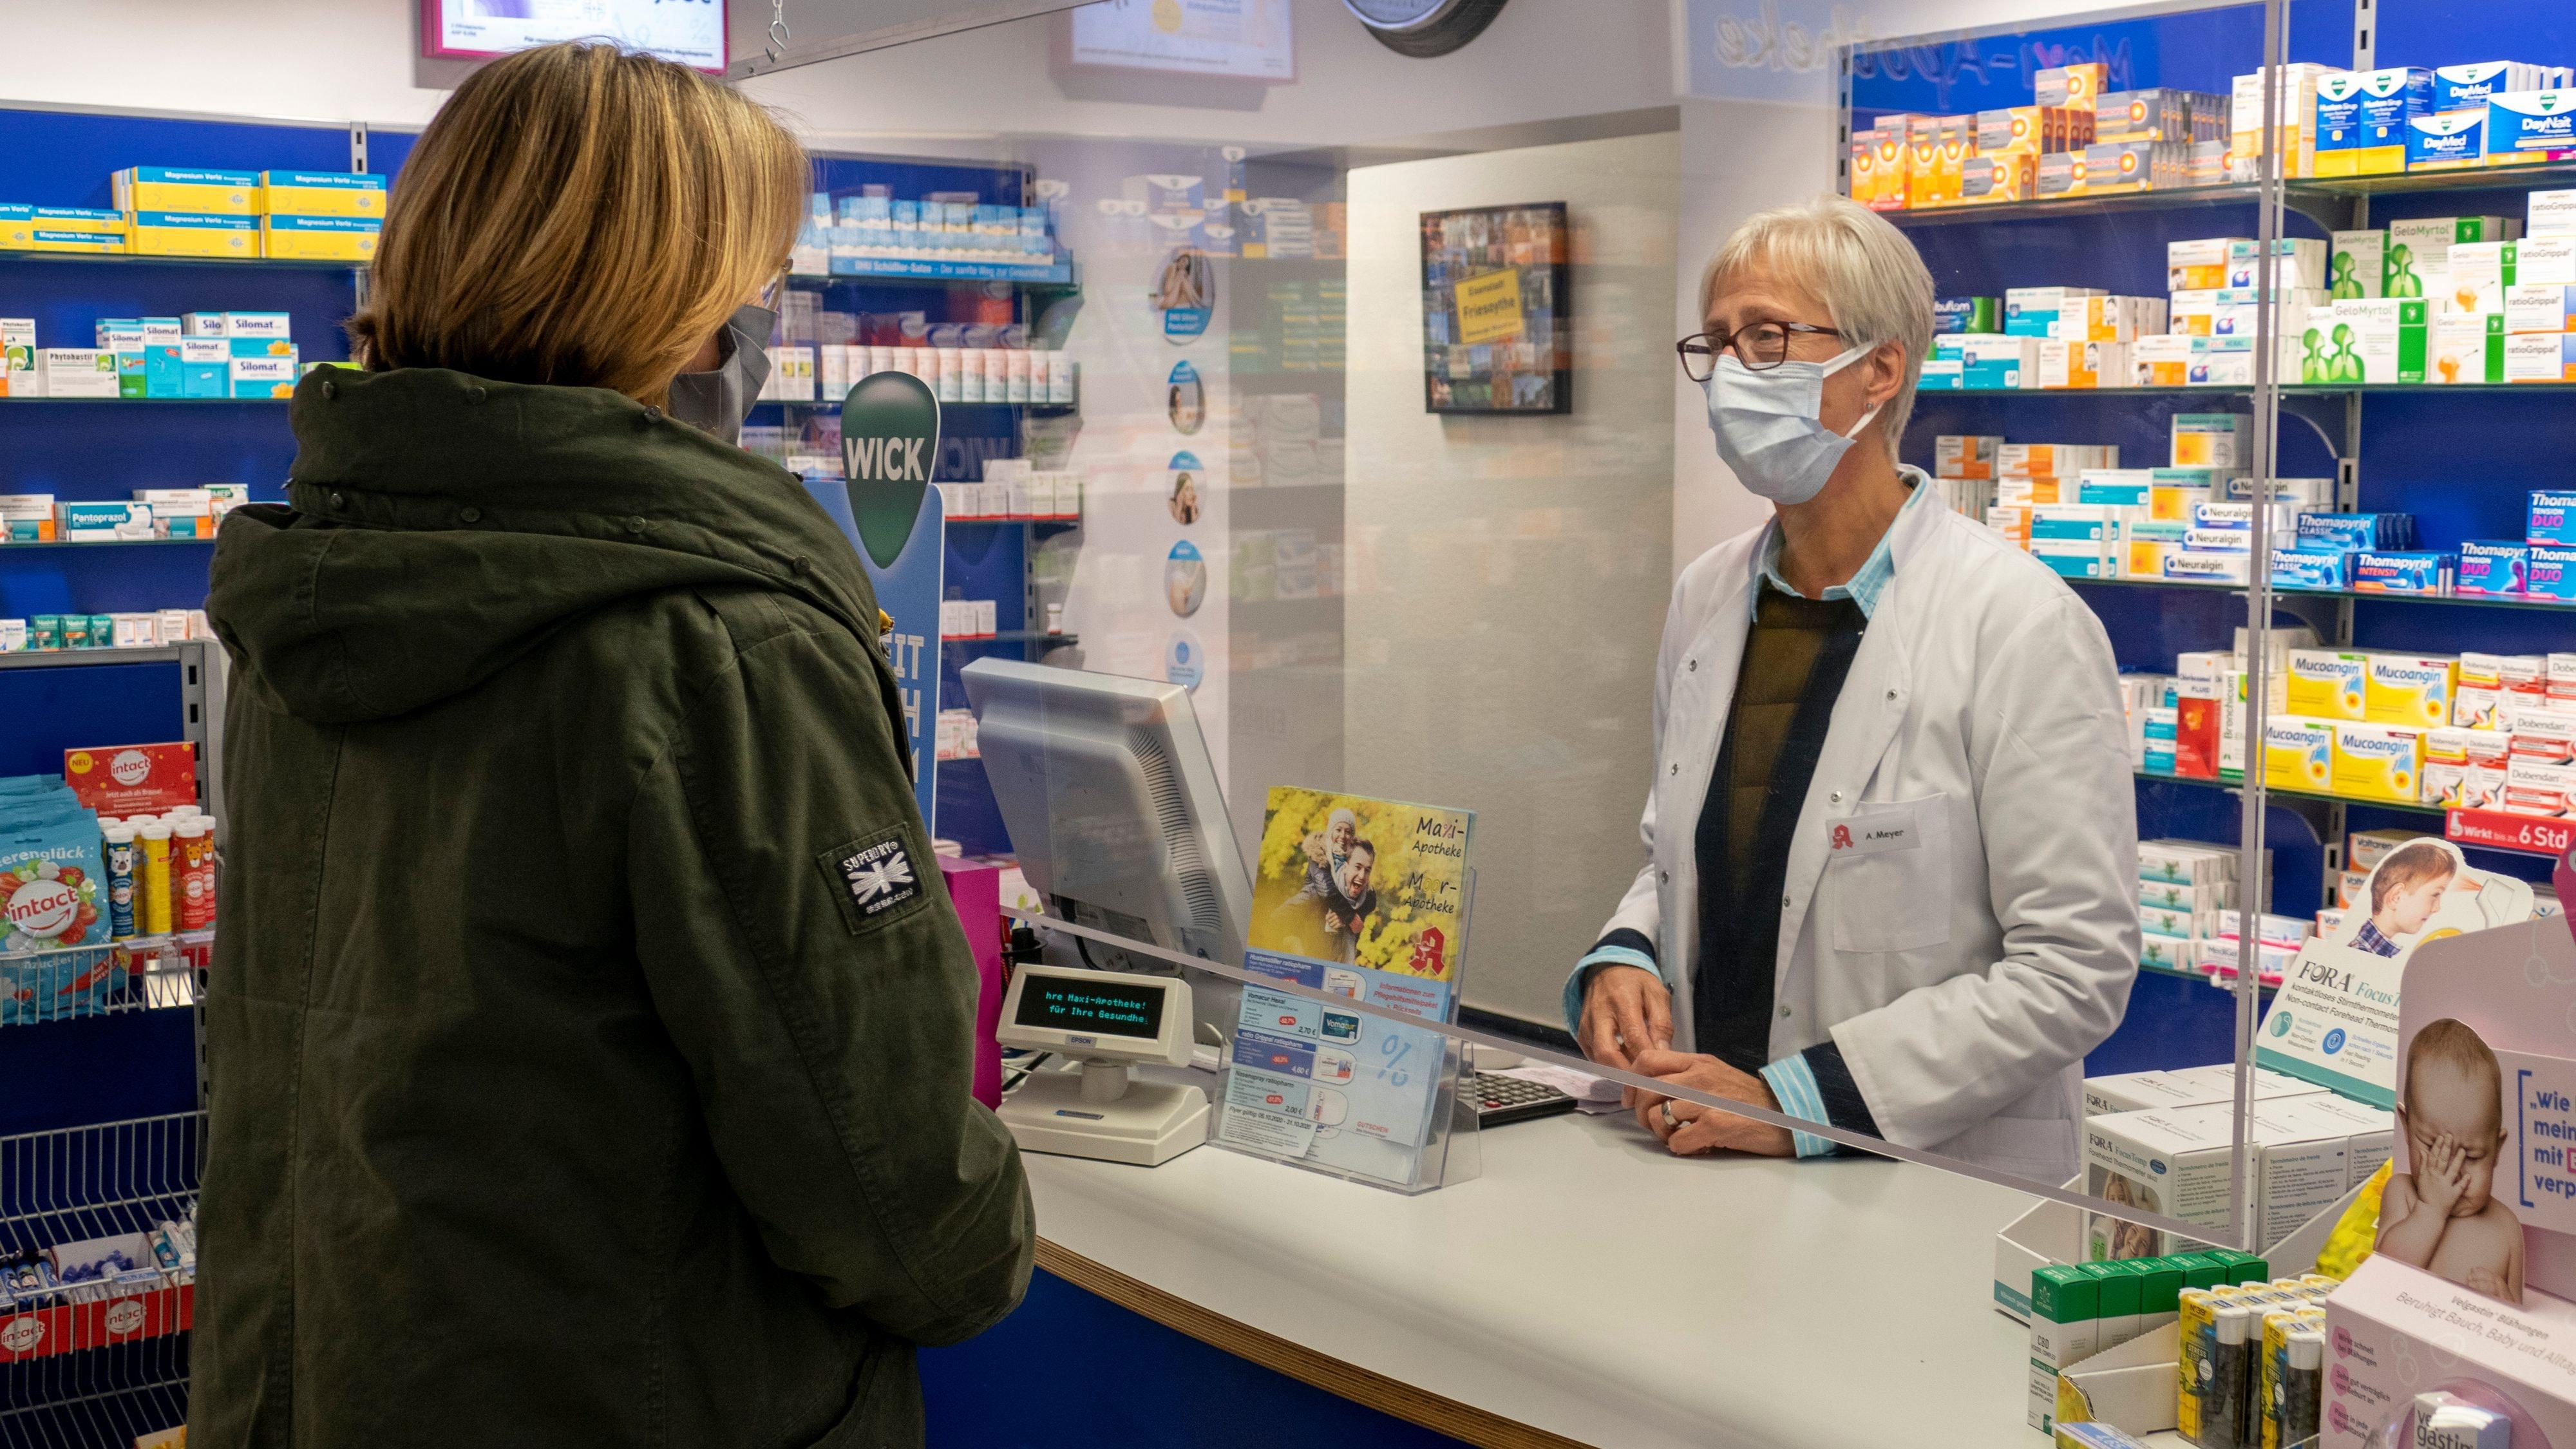 Symptome bekannt: Fragen zu Corona spielen in den Apotheken von Angelika Meyer (rechts) kaum eine Rolle. Dagegen übersteigt die Nachfrage nach dem Grippeimpfstoff bereits jetzt die verfügbare Menge. Foto: Stix